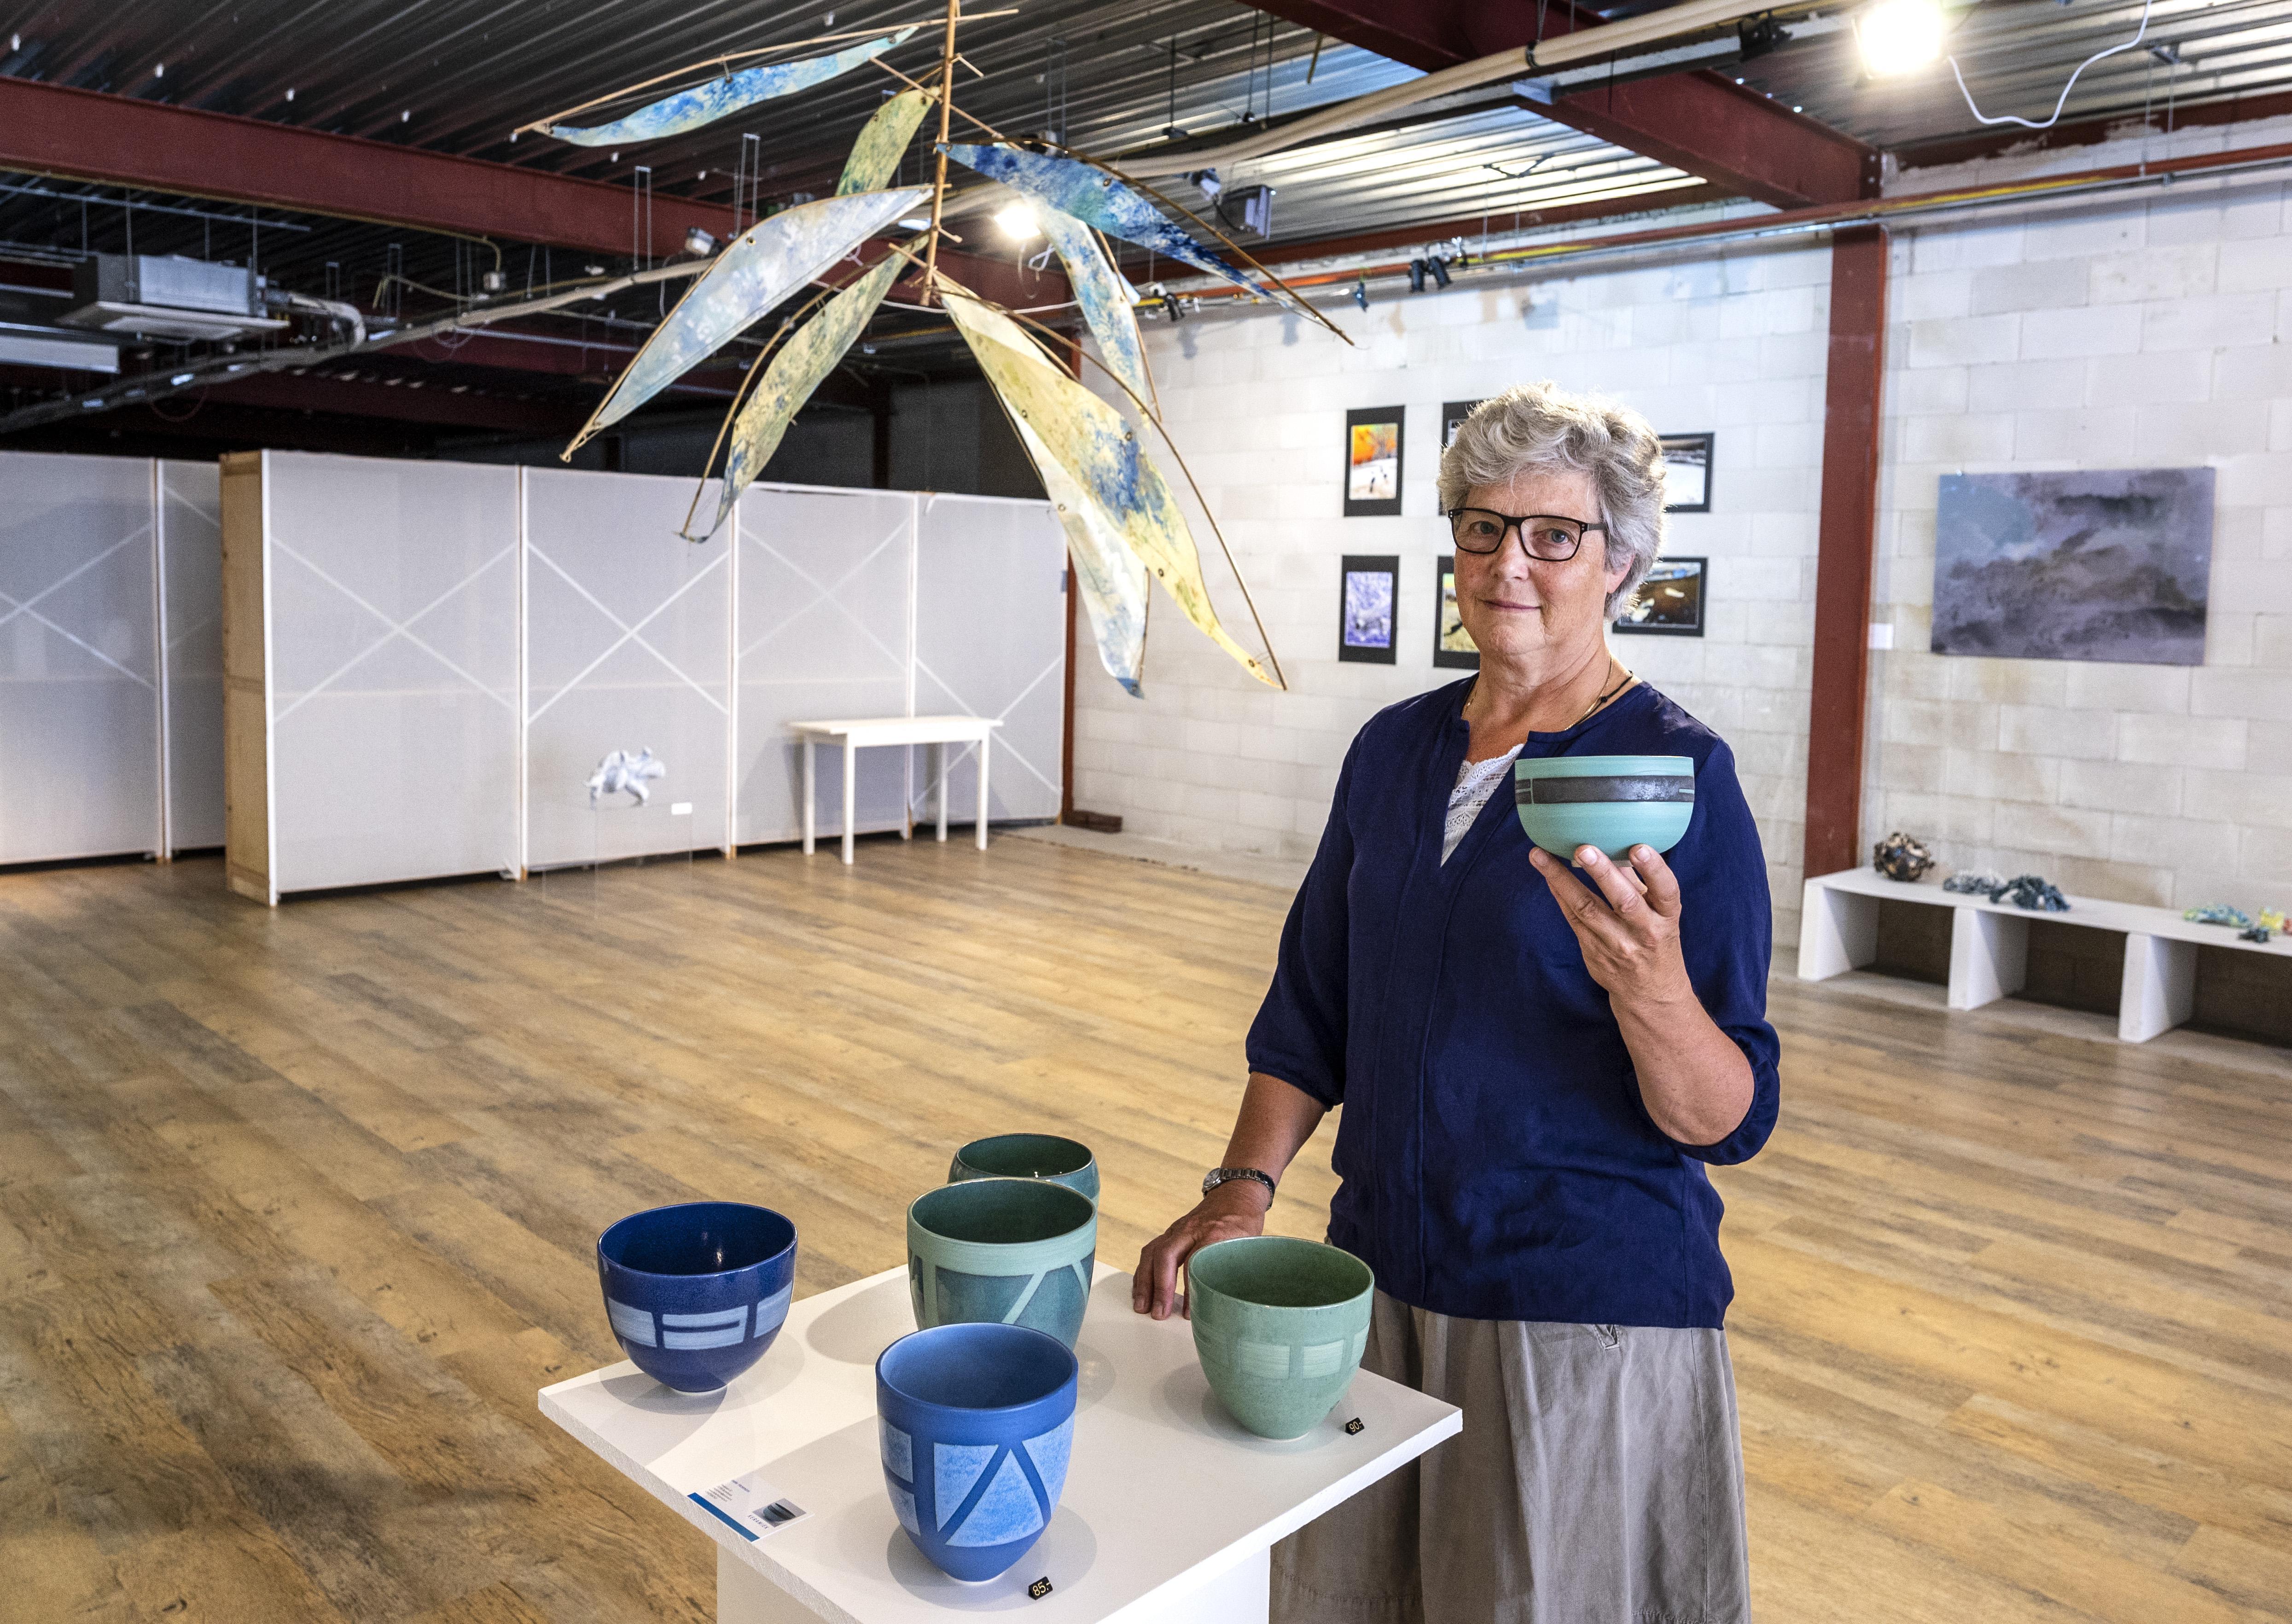 Zomerachtig werk van zeven kunstenaars te zien in de aangename koelte van Galerie Bloemendaal